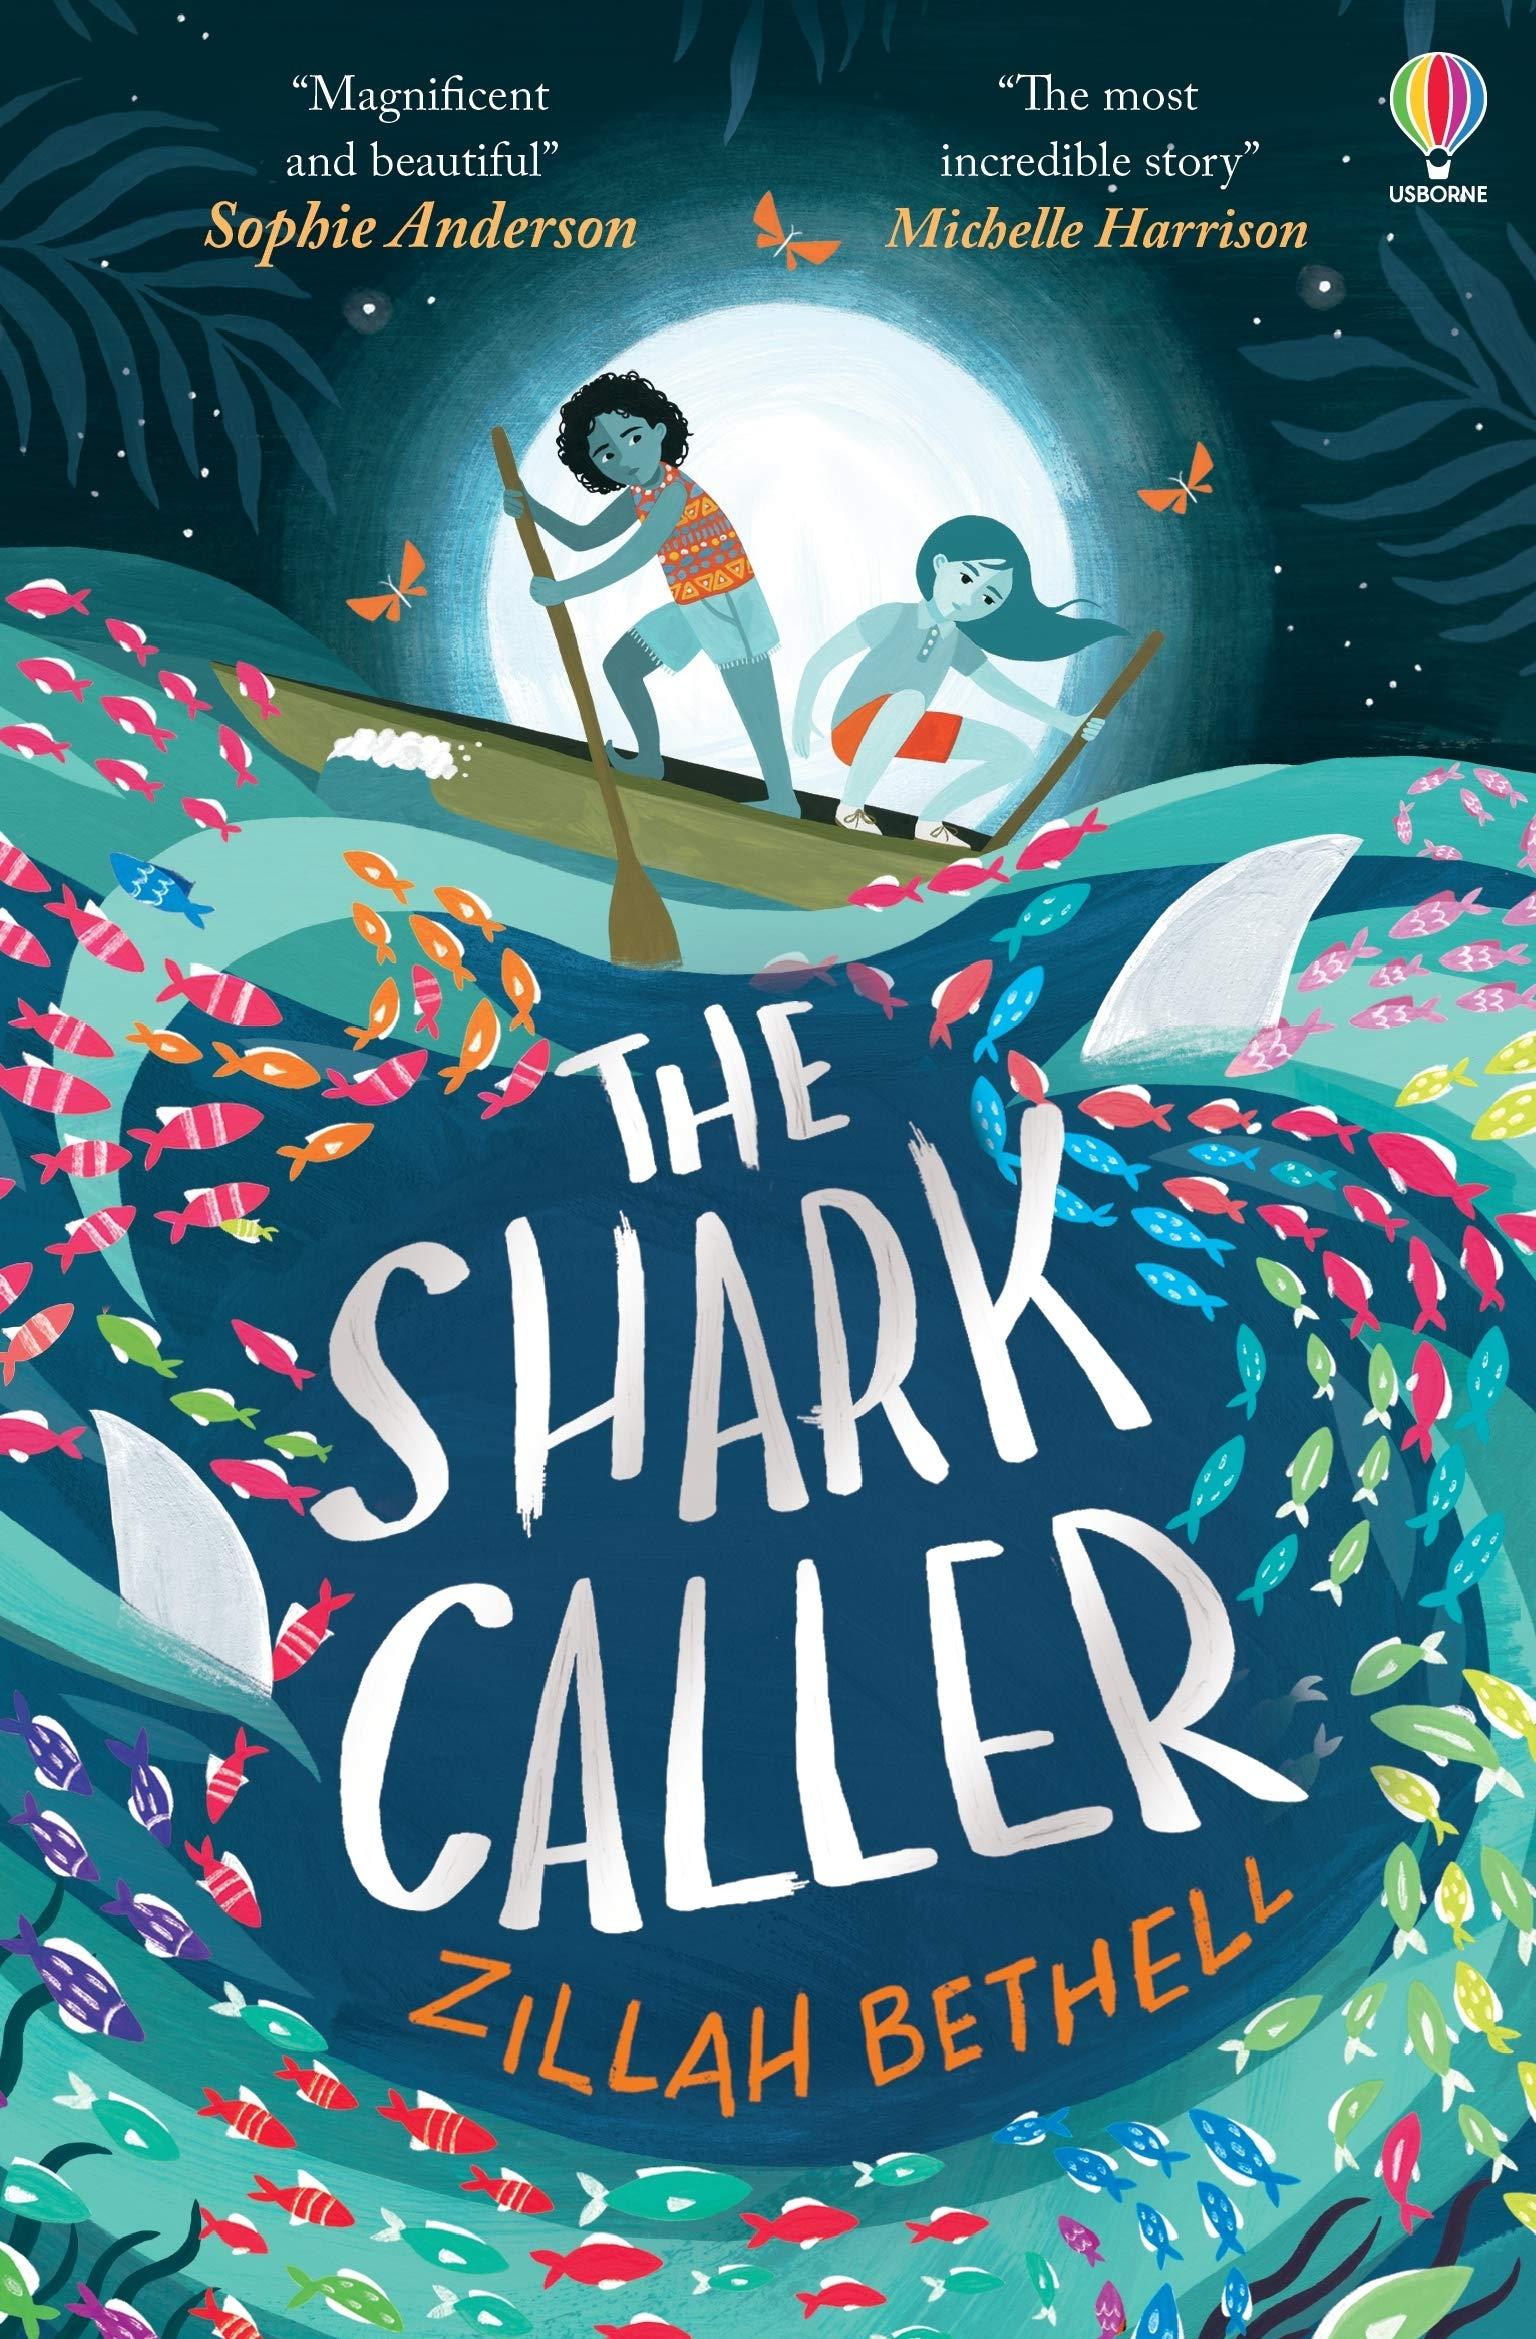 SharkCaller